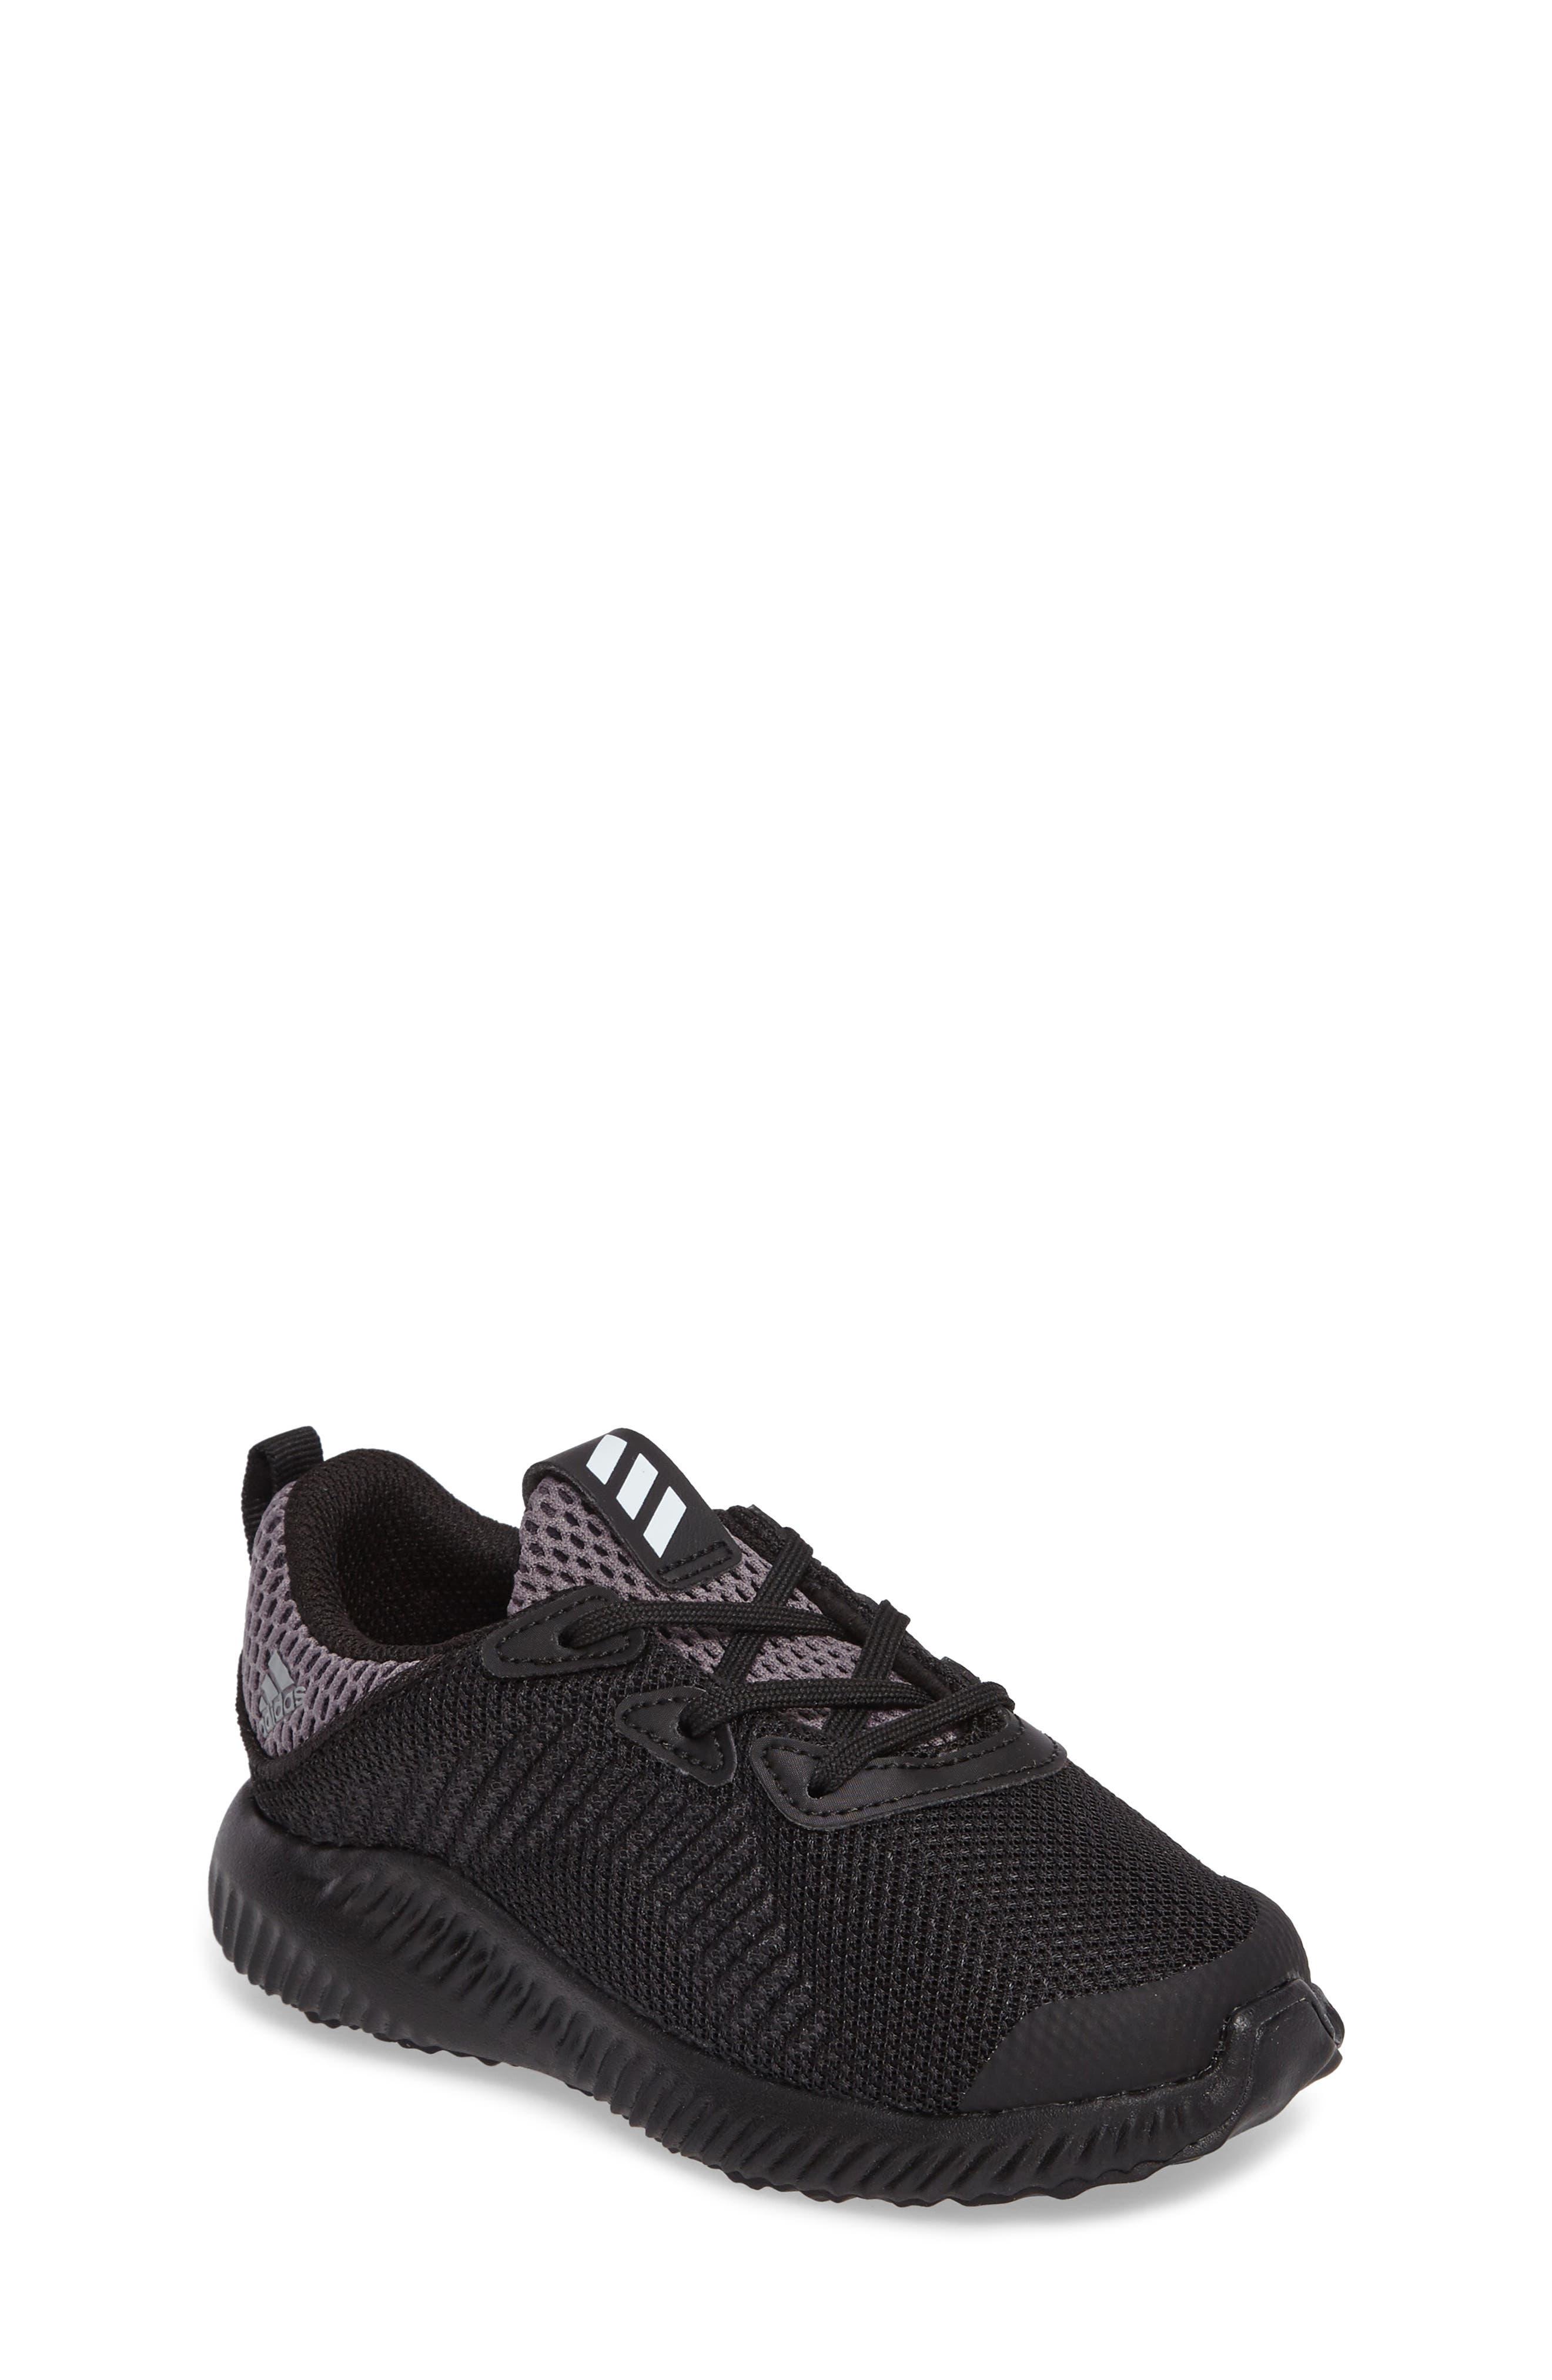 ADIDAS Alphabounce Sneaker